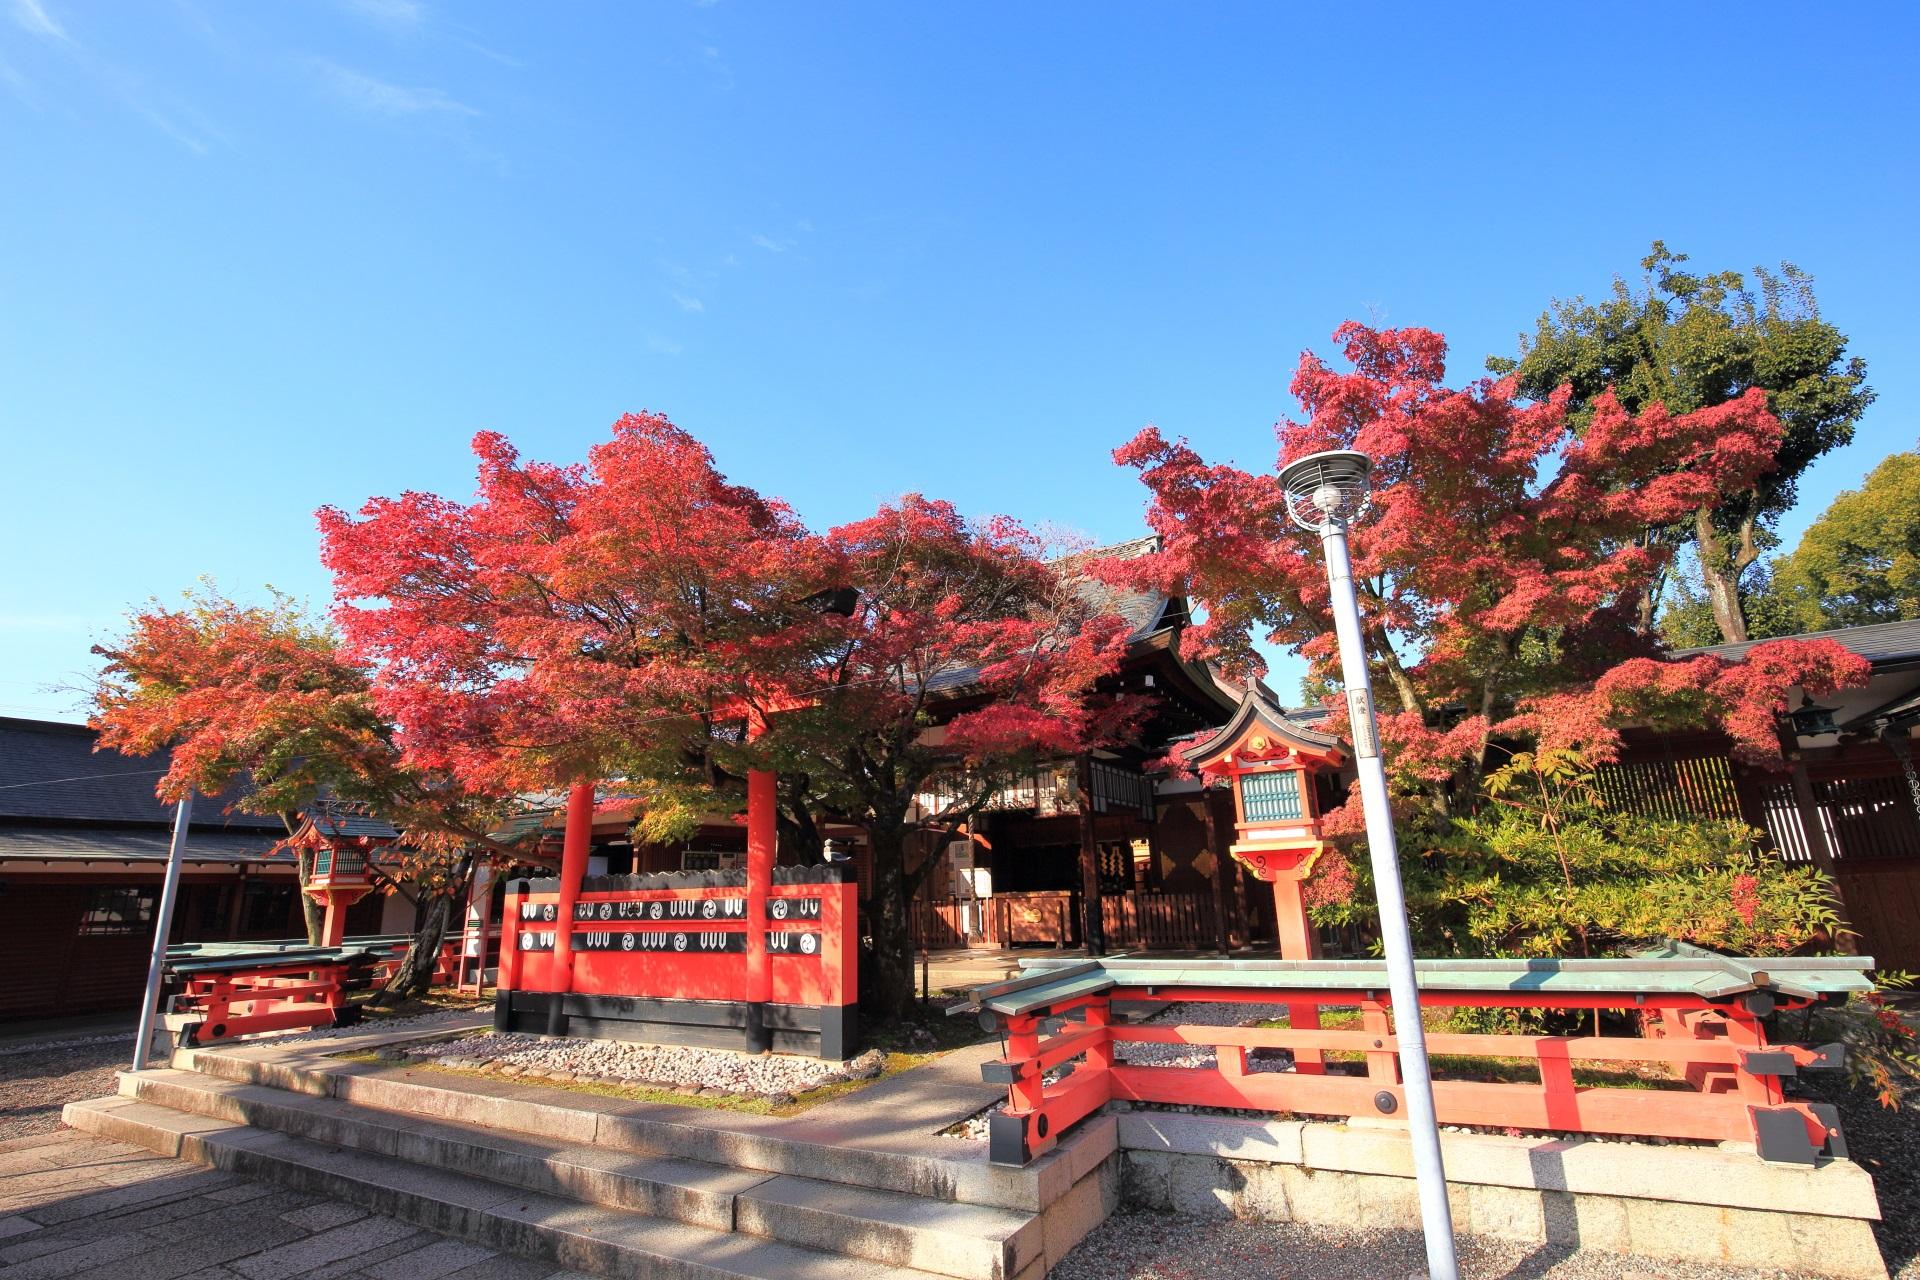 車折神社の本殿と本殿前の鳥居と鮮やかな紅葉